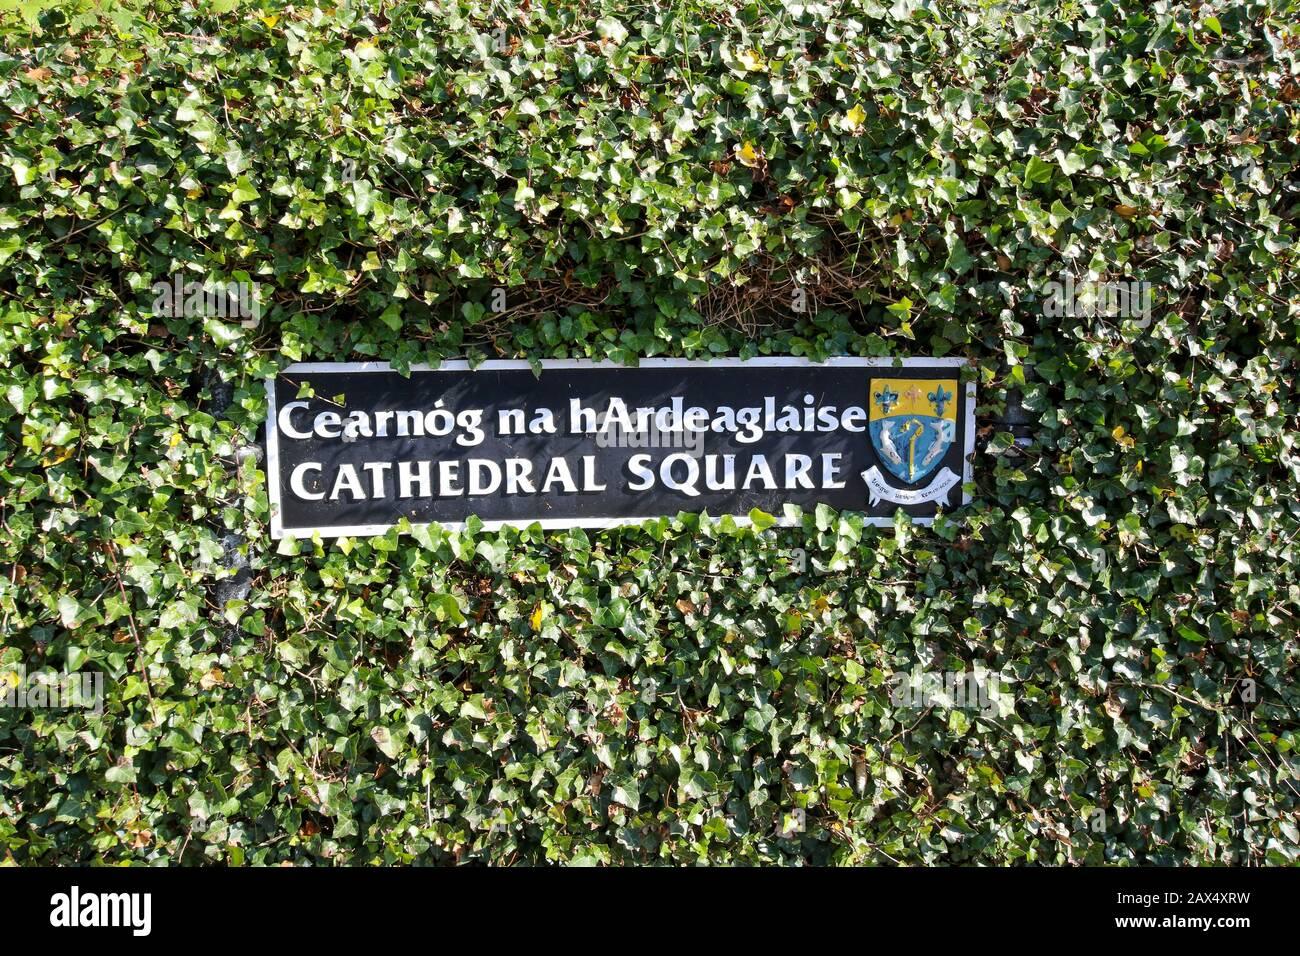 Un cartel de metal ornamentado en una cubierta de hiedra en Irlanda con escudo del consejo del condado de armas en Cathedral Square, Letterkenny, Condado de Donegal Irlanda. Foto de stock